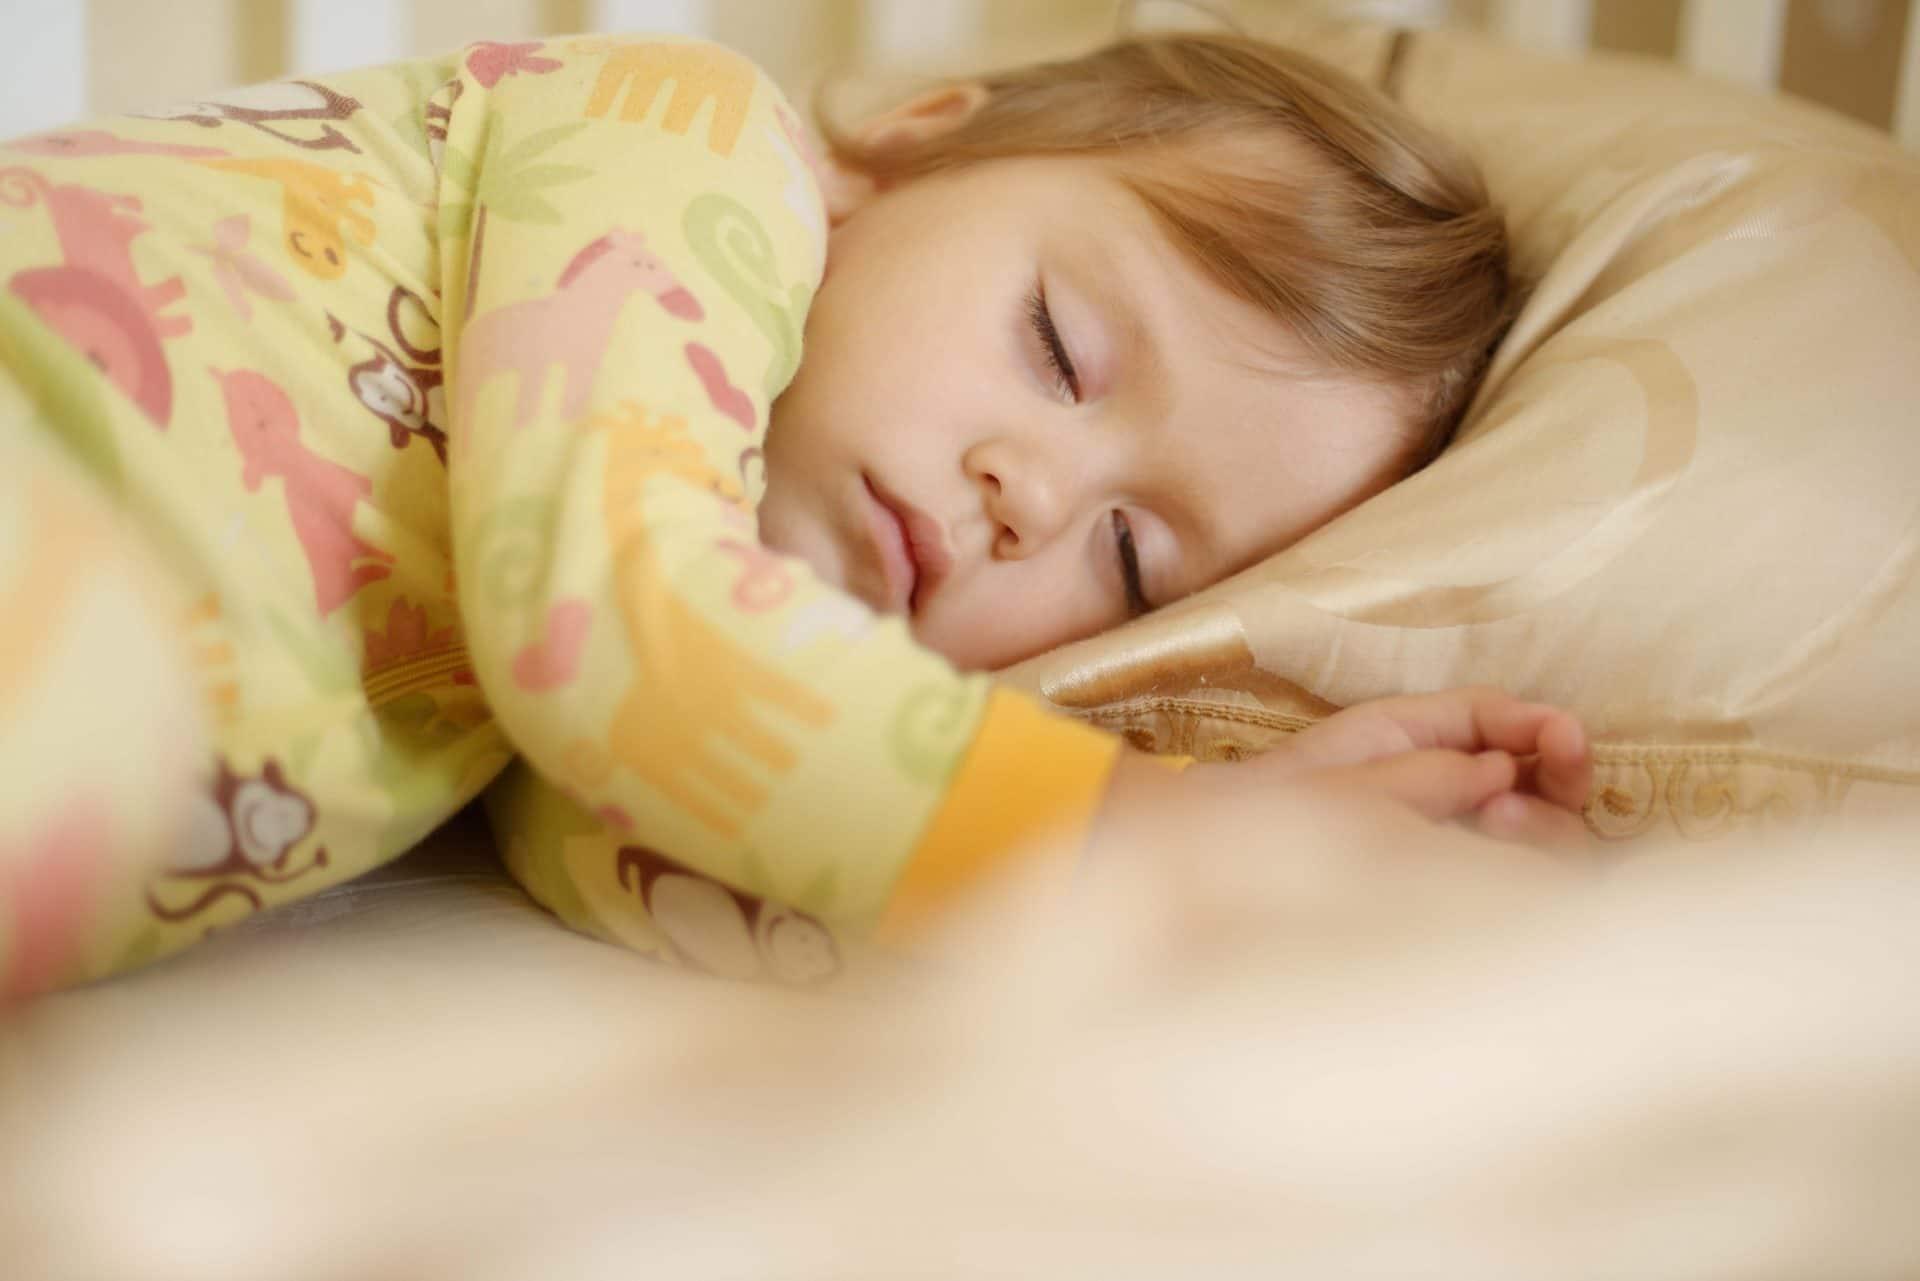 Les 7 clés fondamentales du sommeil